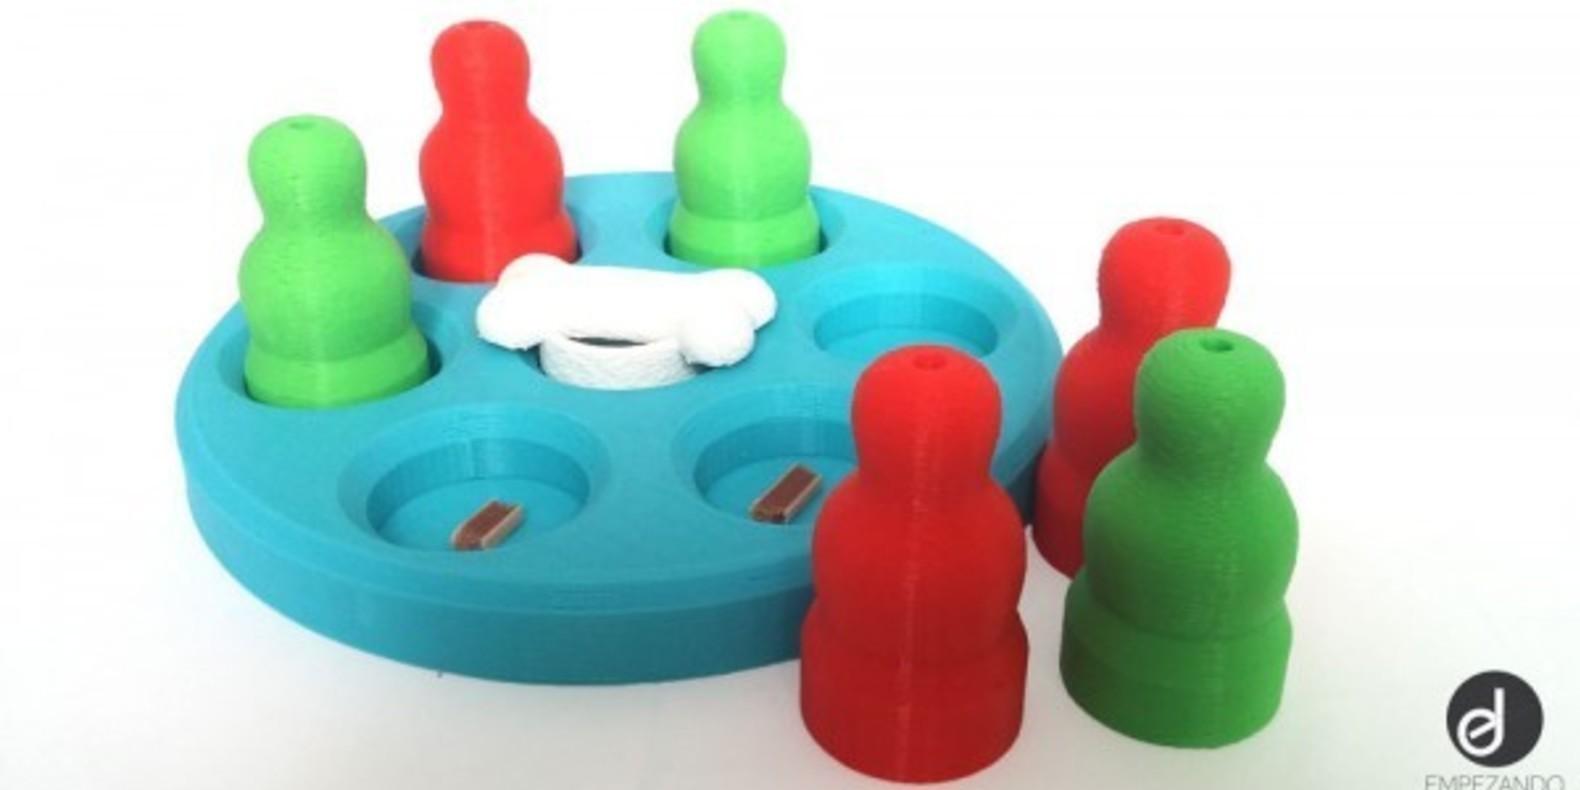 Dogs-game-Empezandodiseno-Cults-3Dprinting-4 jouet pour chiens imprimé en 3D